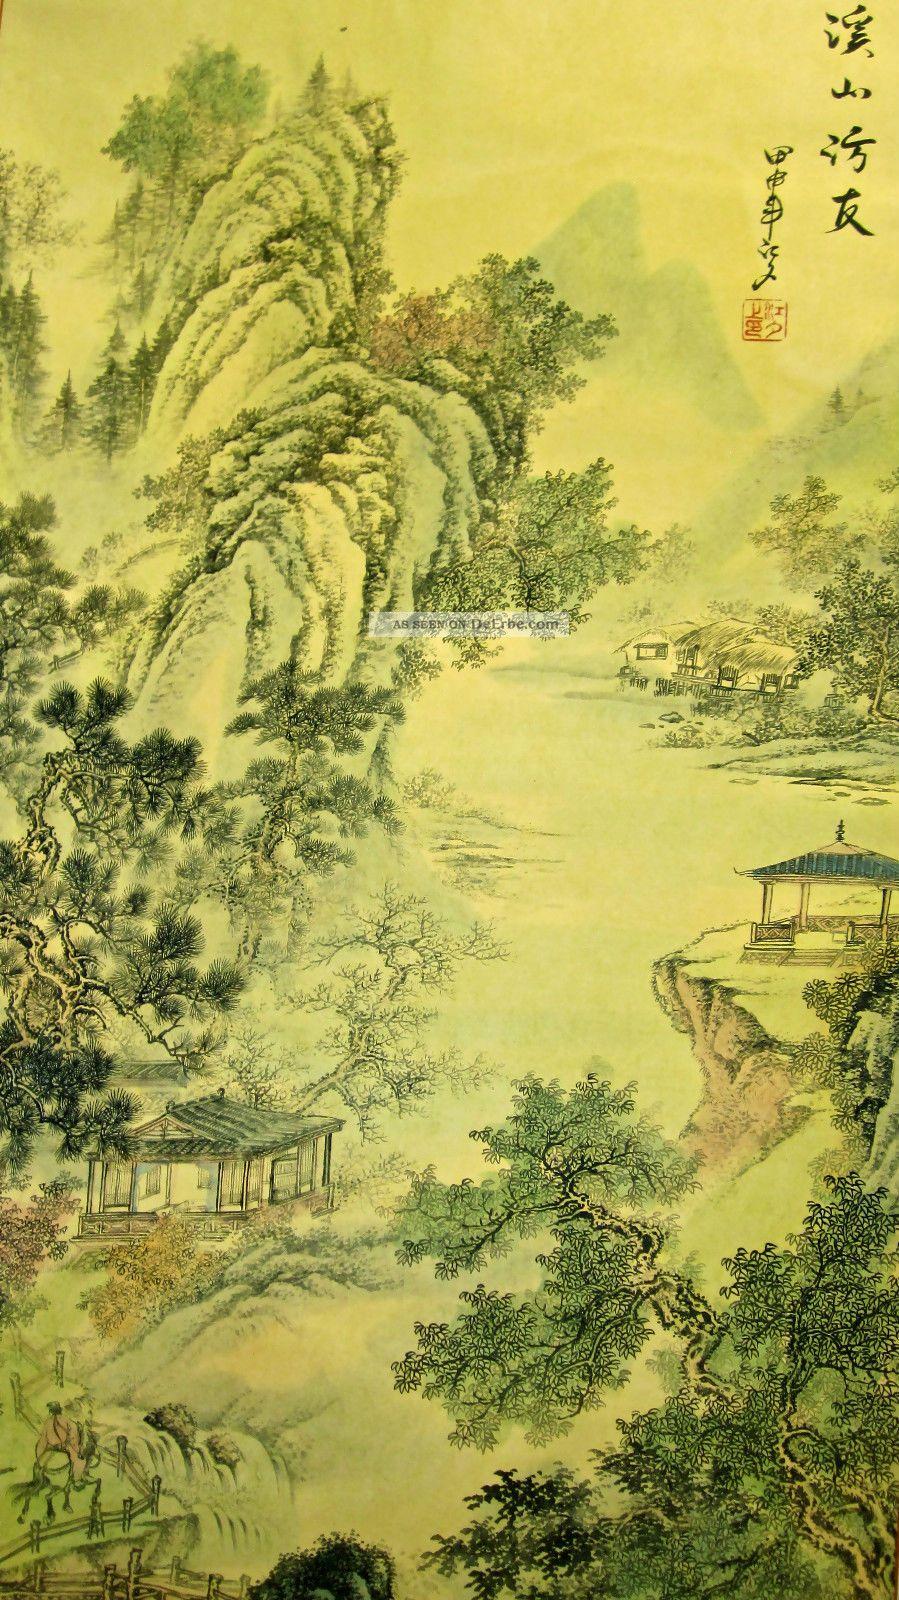 Malerei Chinesische Malerei Malereien Landschaftsmalerei Rollenbilder AAA